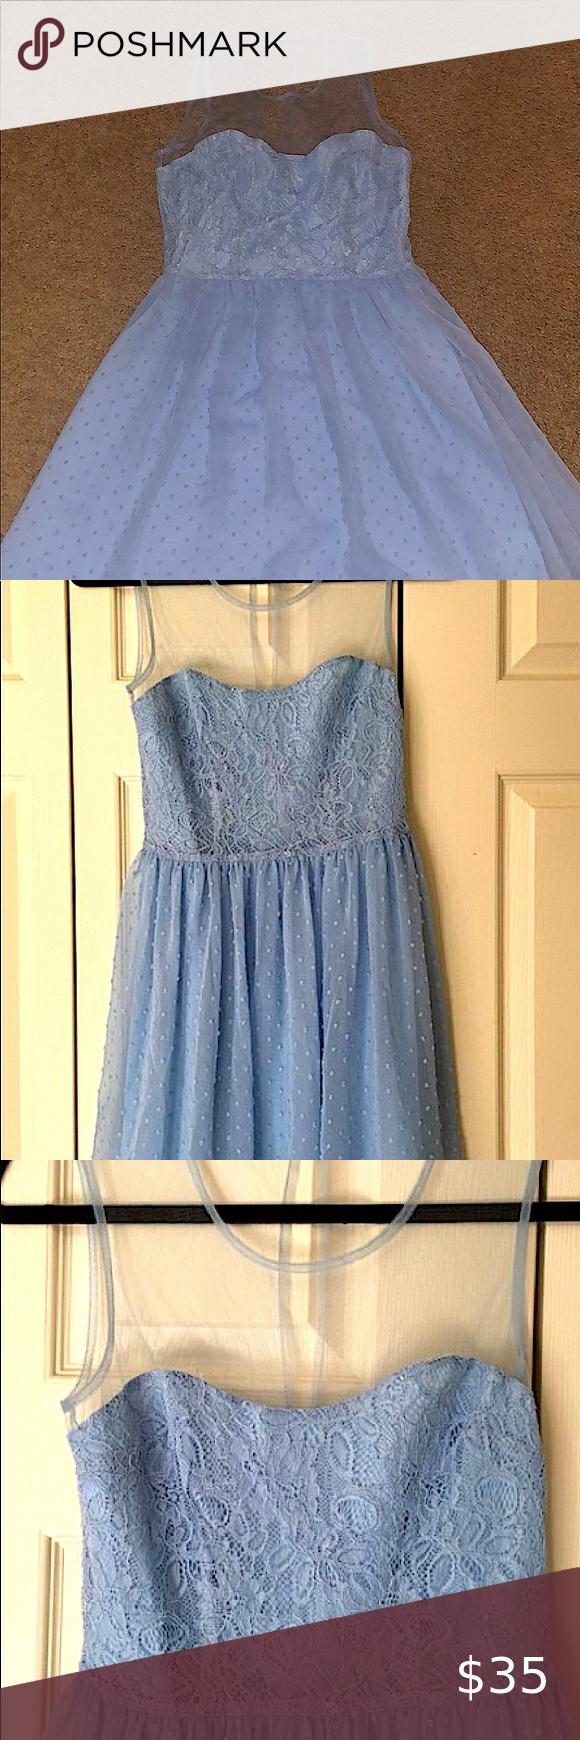 Rodarte For Target Blue Swiss Dot Dress Size 5 Junior Cocktail Dresses Swiss Dot Dress Downtown Dress [ 1740 x 580 Pixel ]